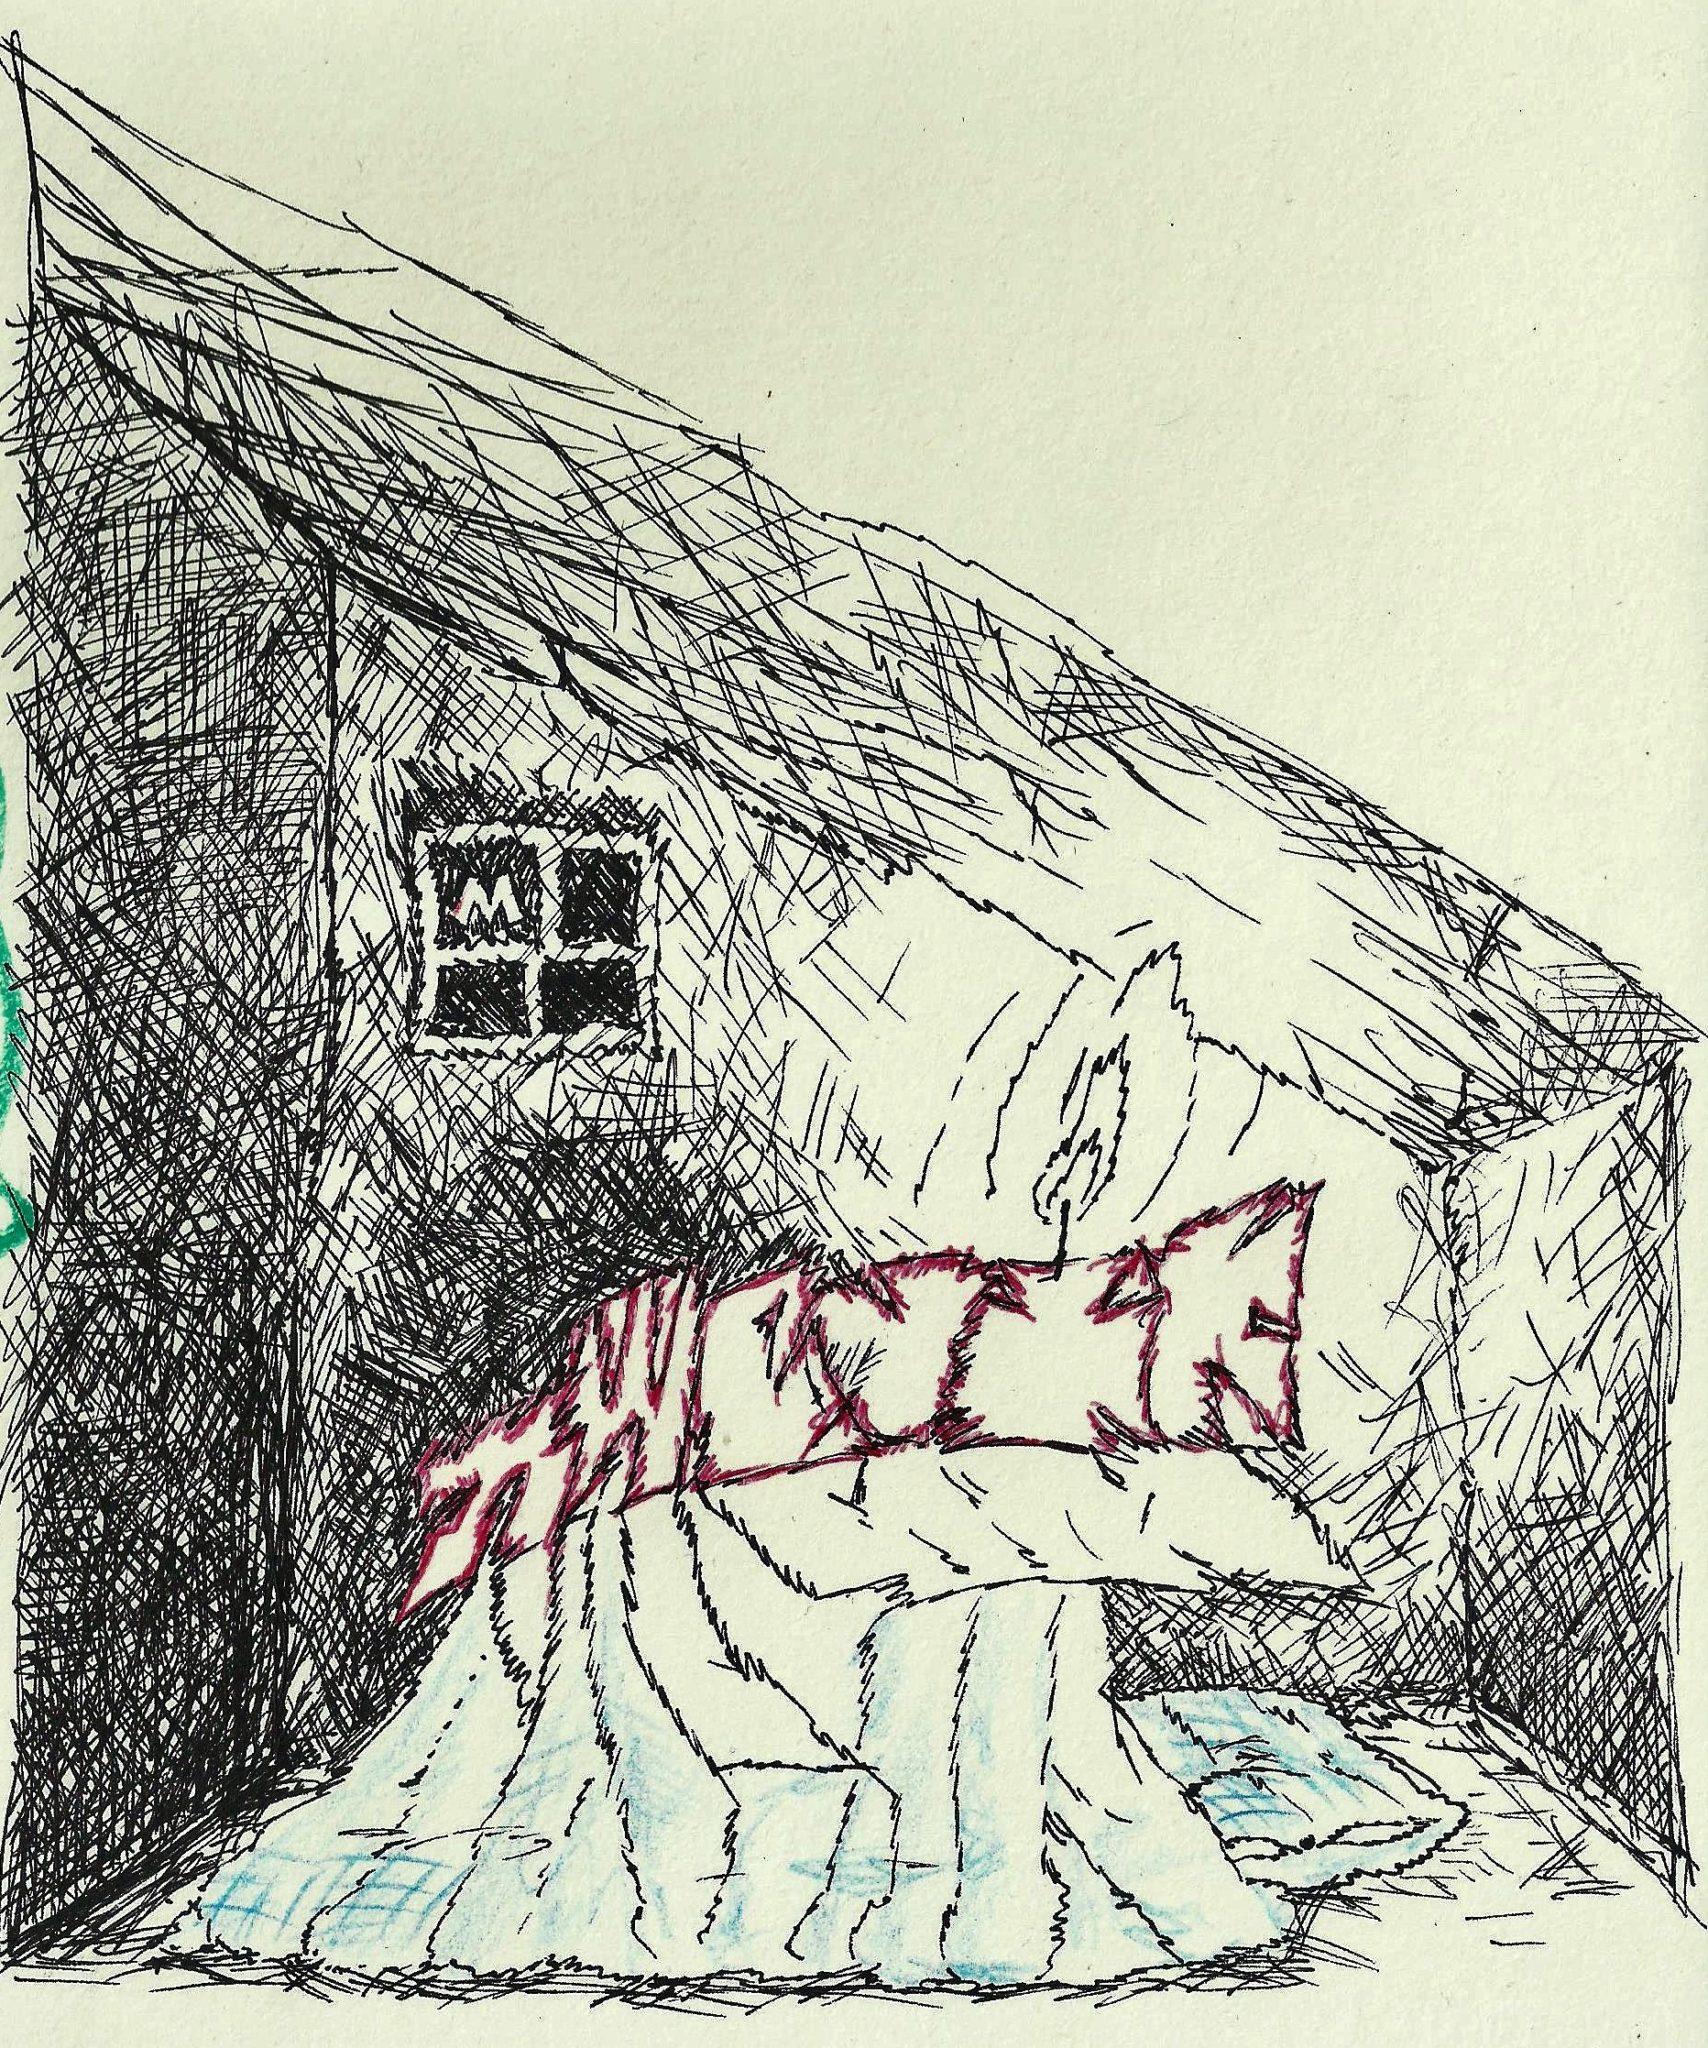 na zdjeciu widzimy rysunek narysowany czarna kreska przedstawia ciemny pokoj wieczorem w ktorym znajduje sie lozko i okno